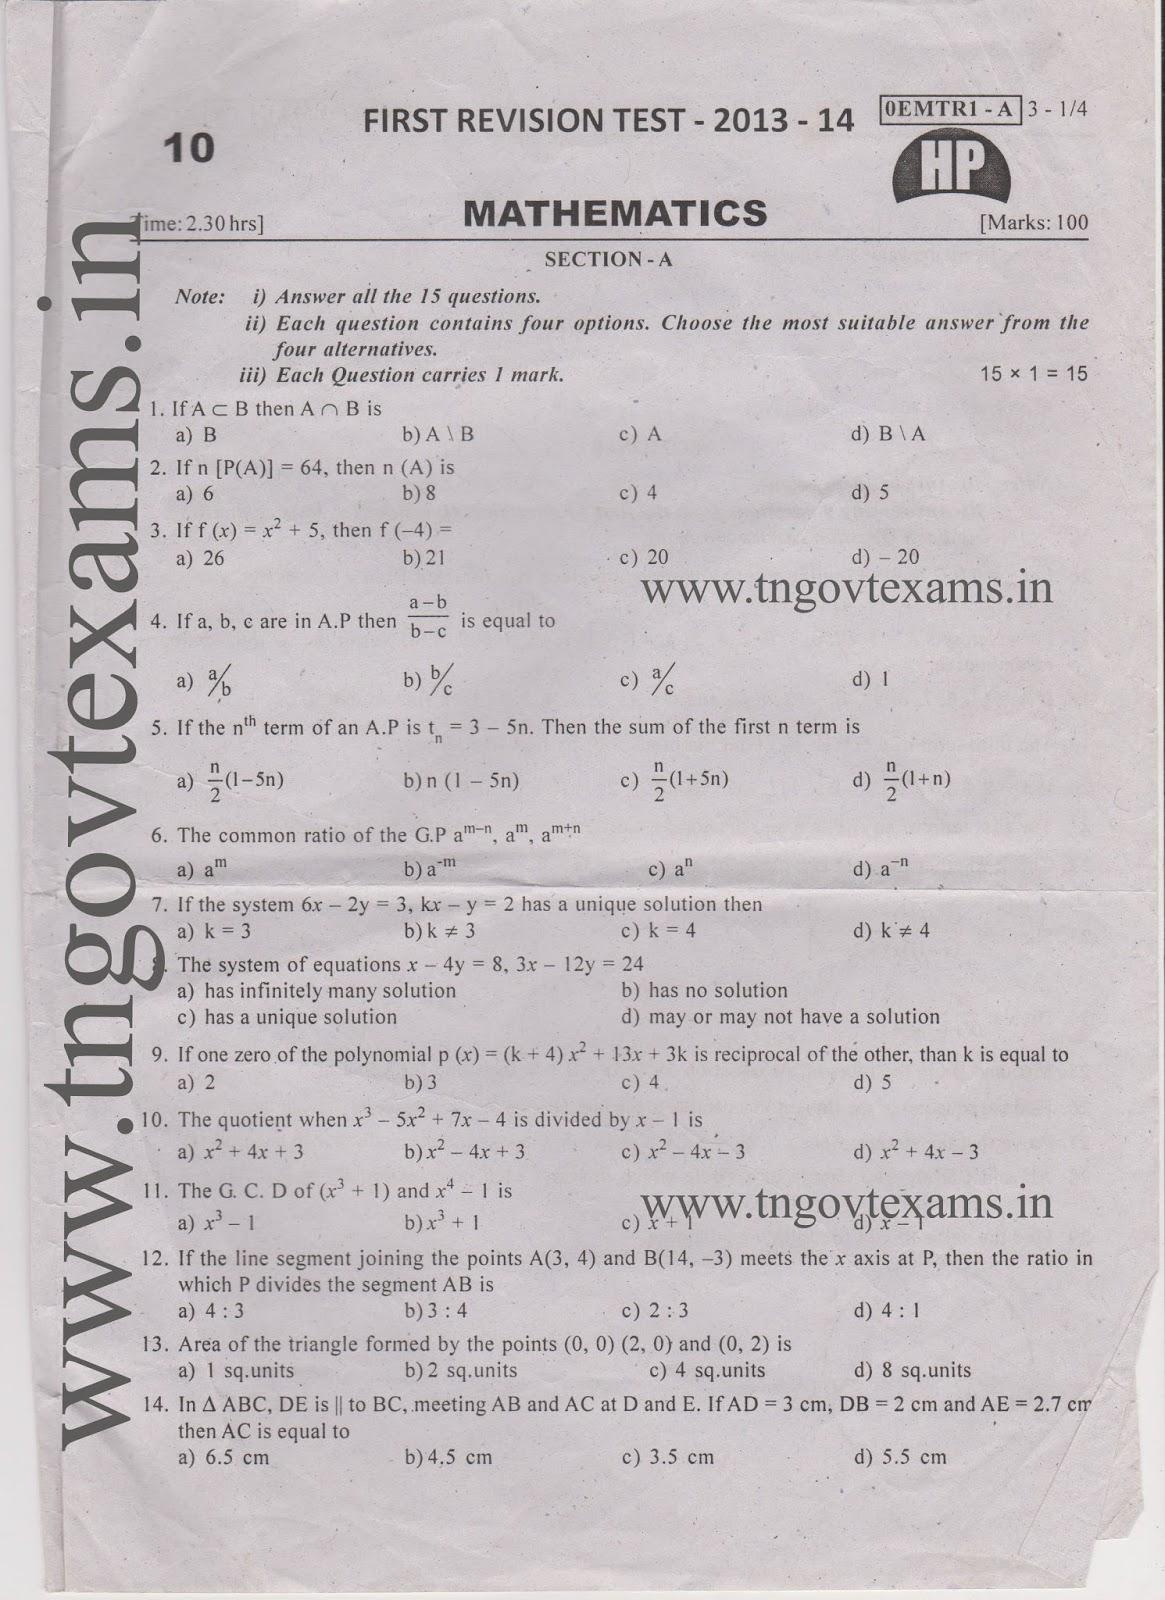 revision exam 10th Maths question 2018